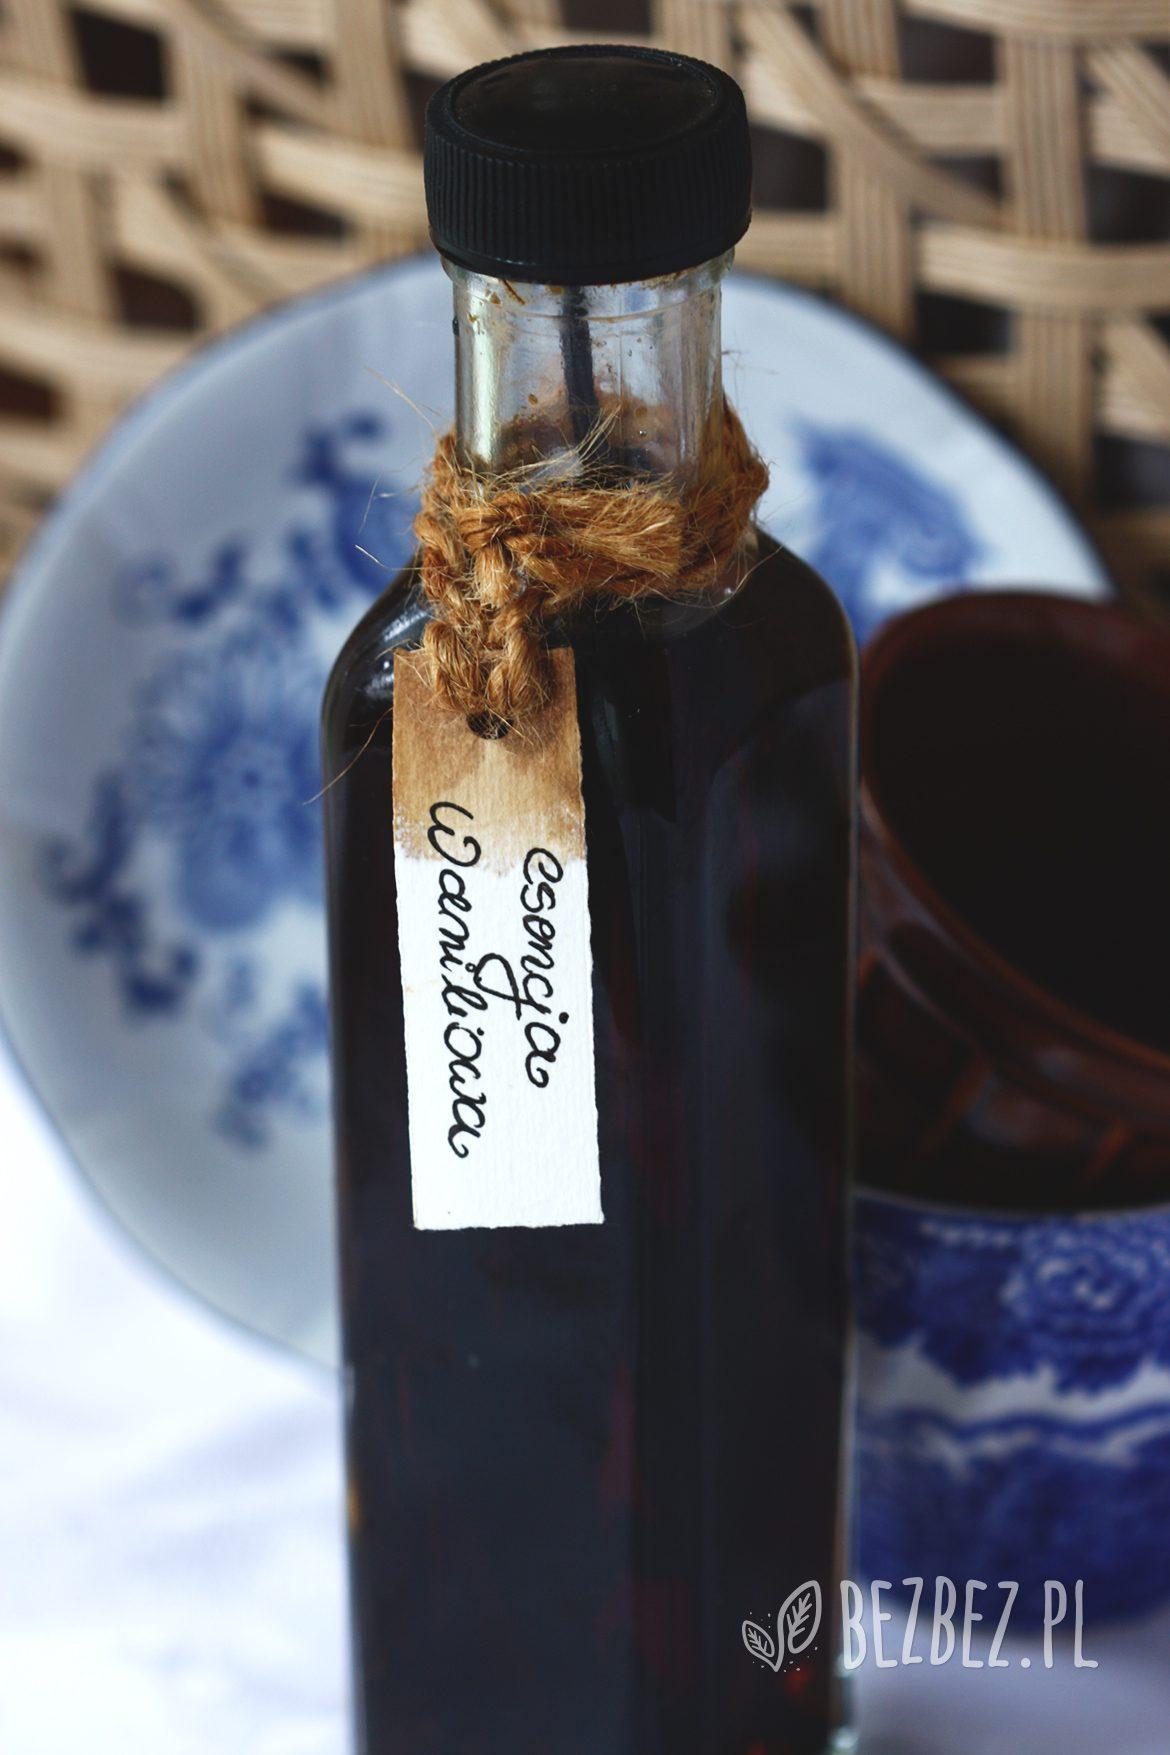 Domowa esencja waniliowa w butelce